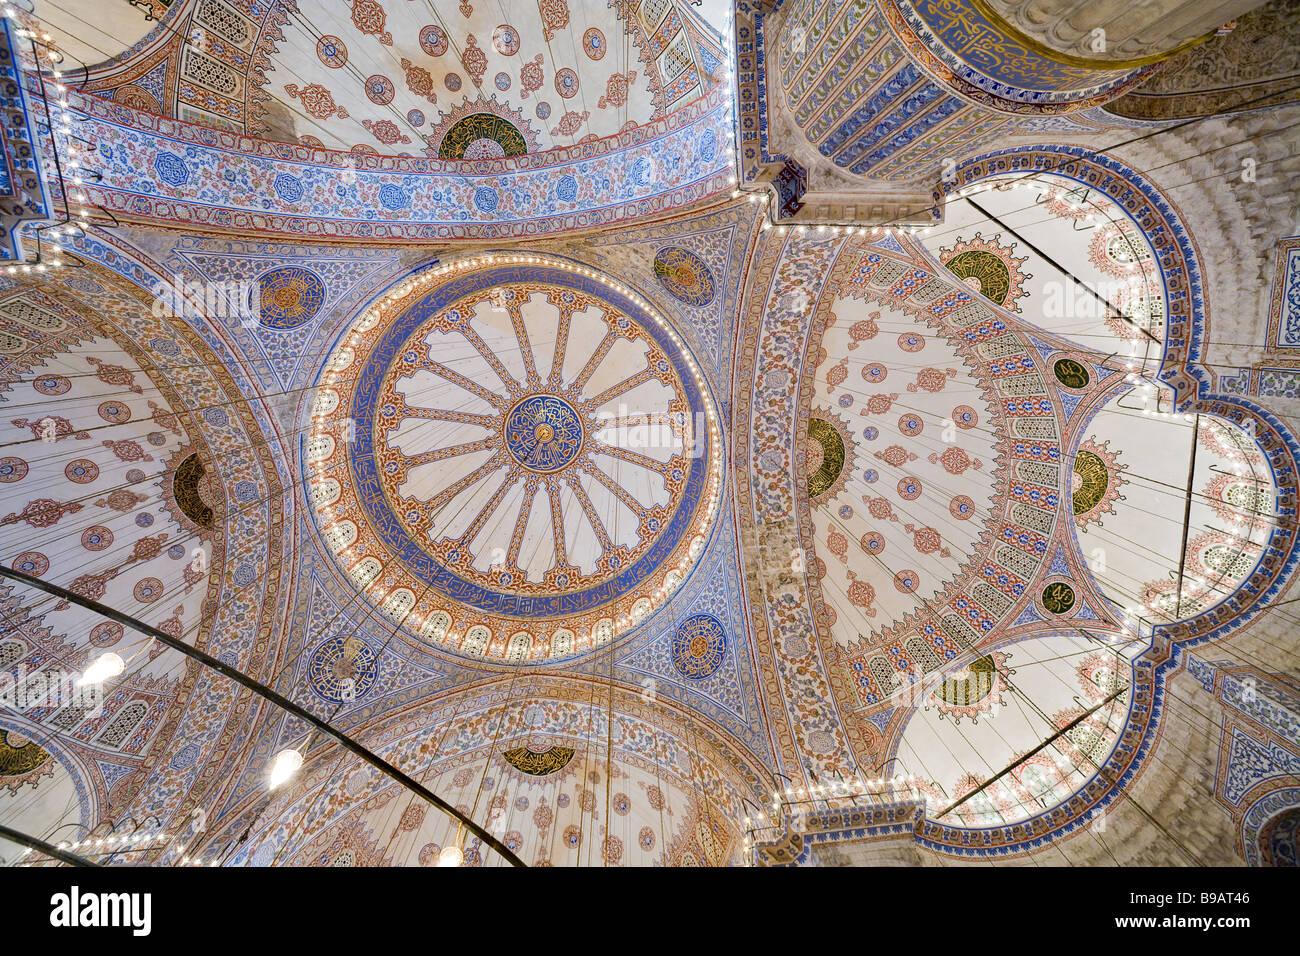 Complejidad en color. El techo cubierto de cerámica ricamente decorado de la Mezquita Azul está lleno Imagen De Stock